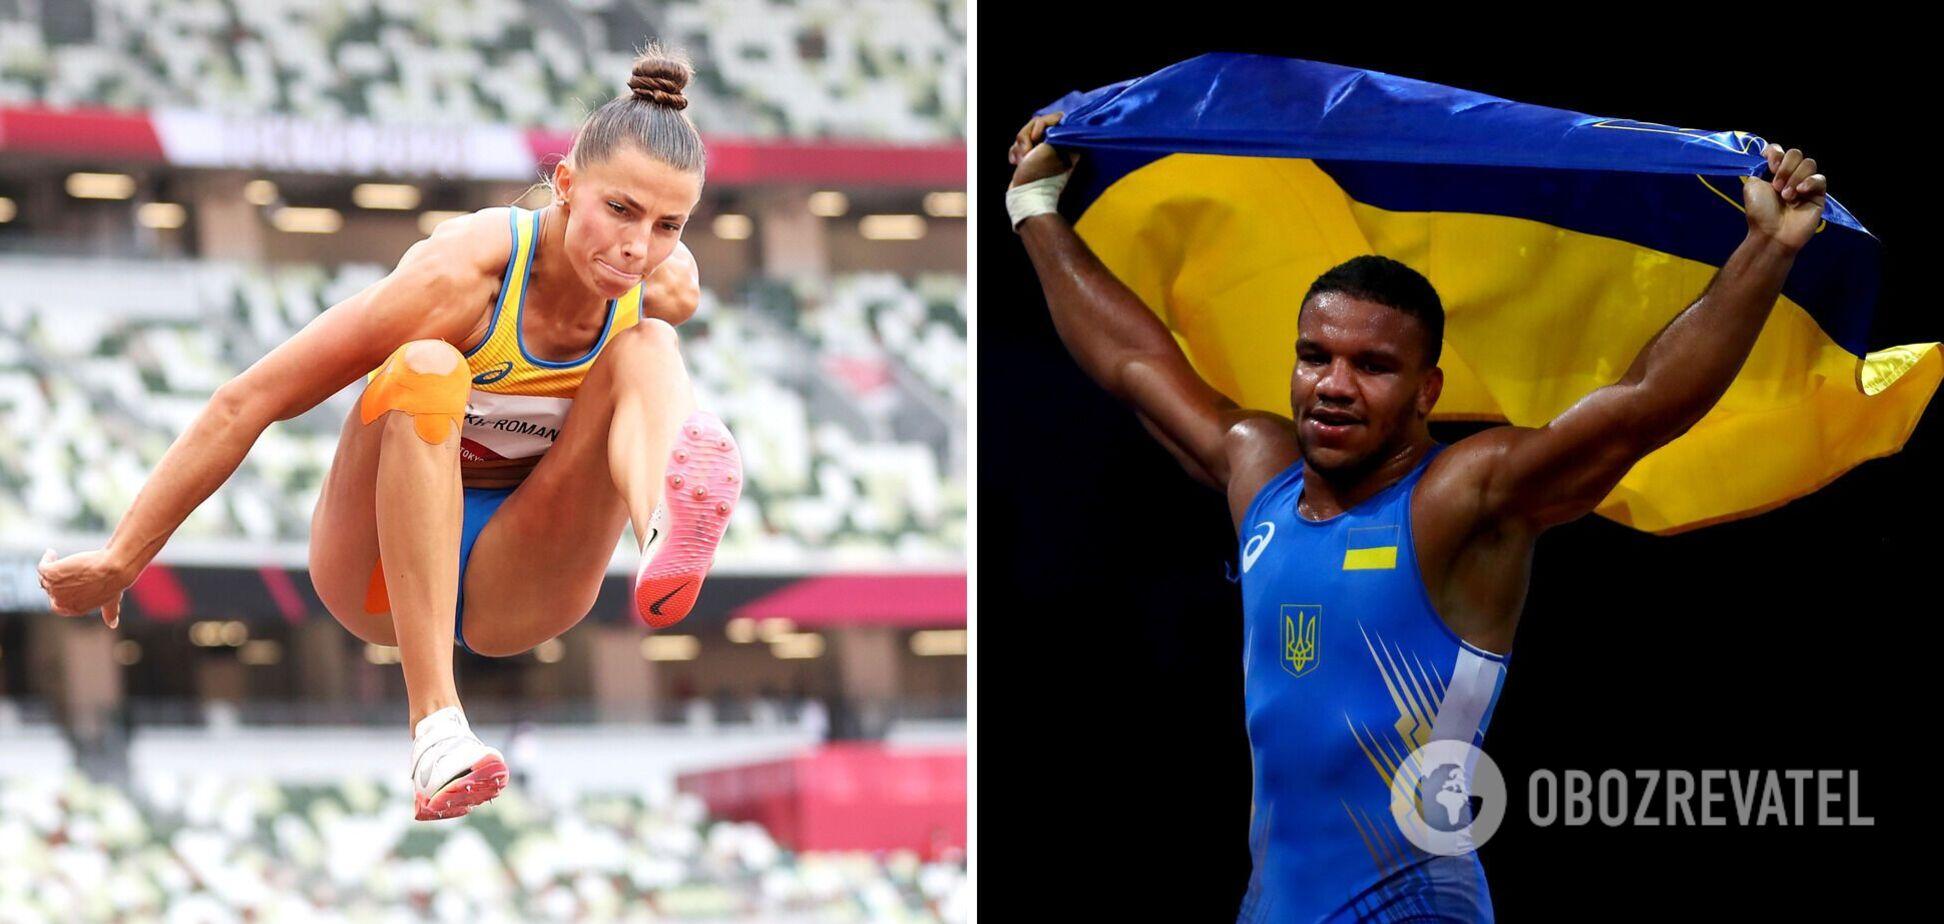 Бех-Романчук заняла пятое место в финале, а трое украинских борцов вышли в полуфинал